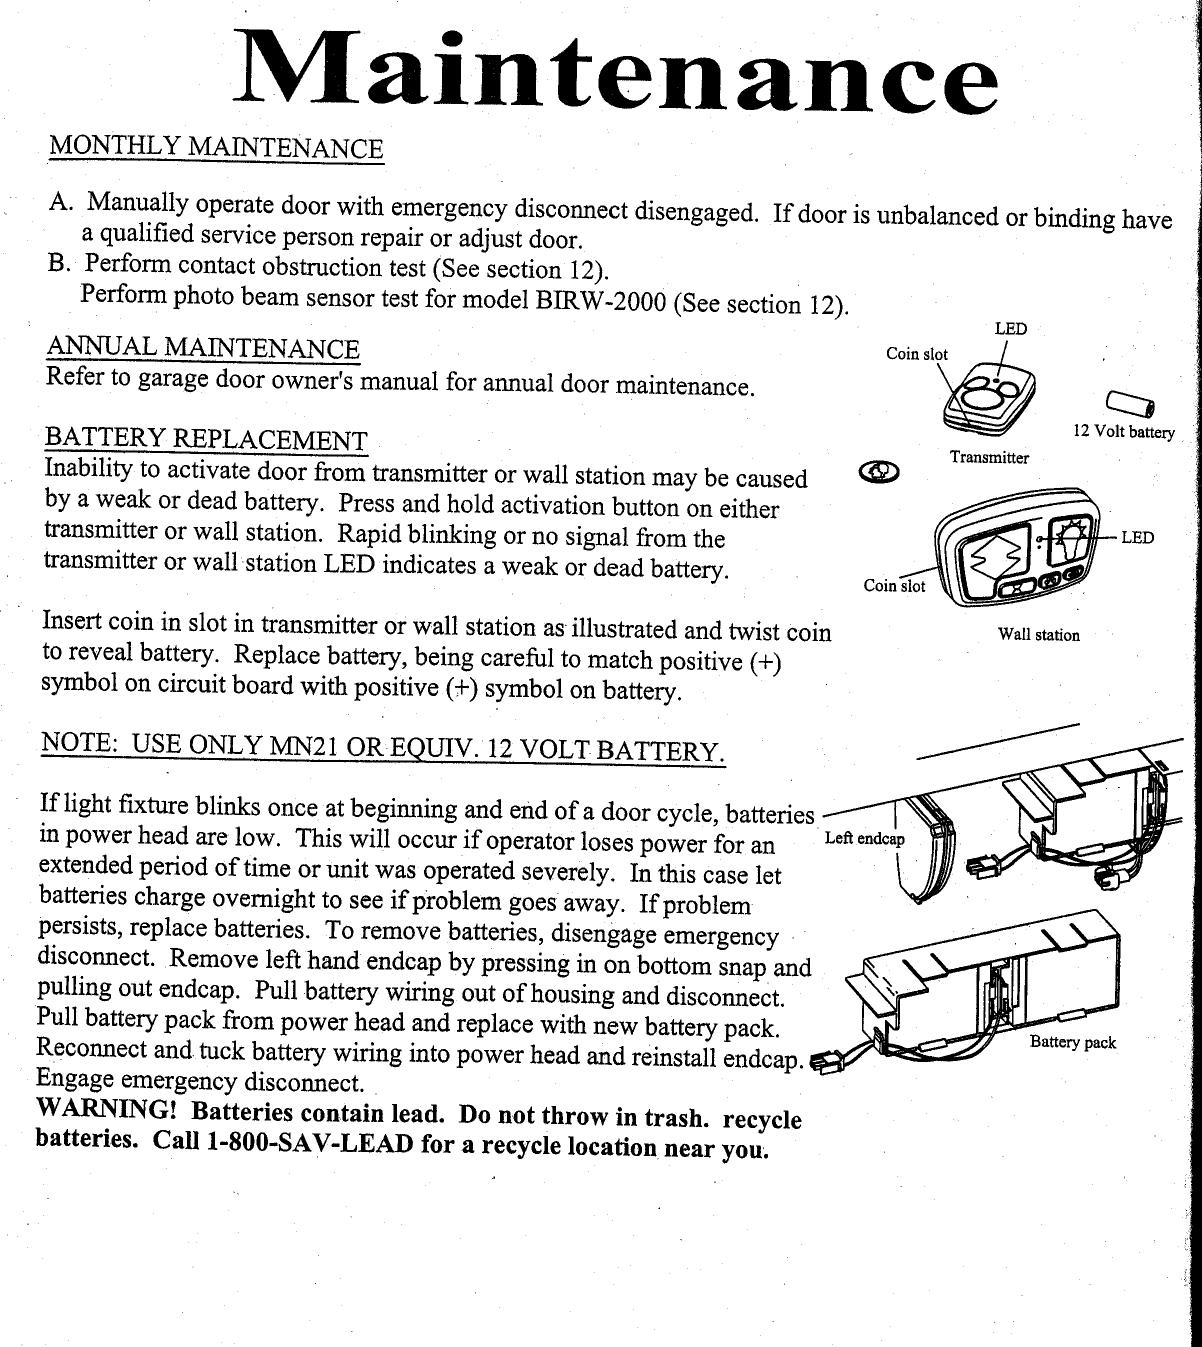 dalton garage door opener manual